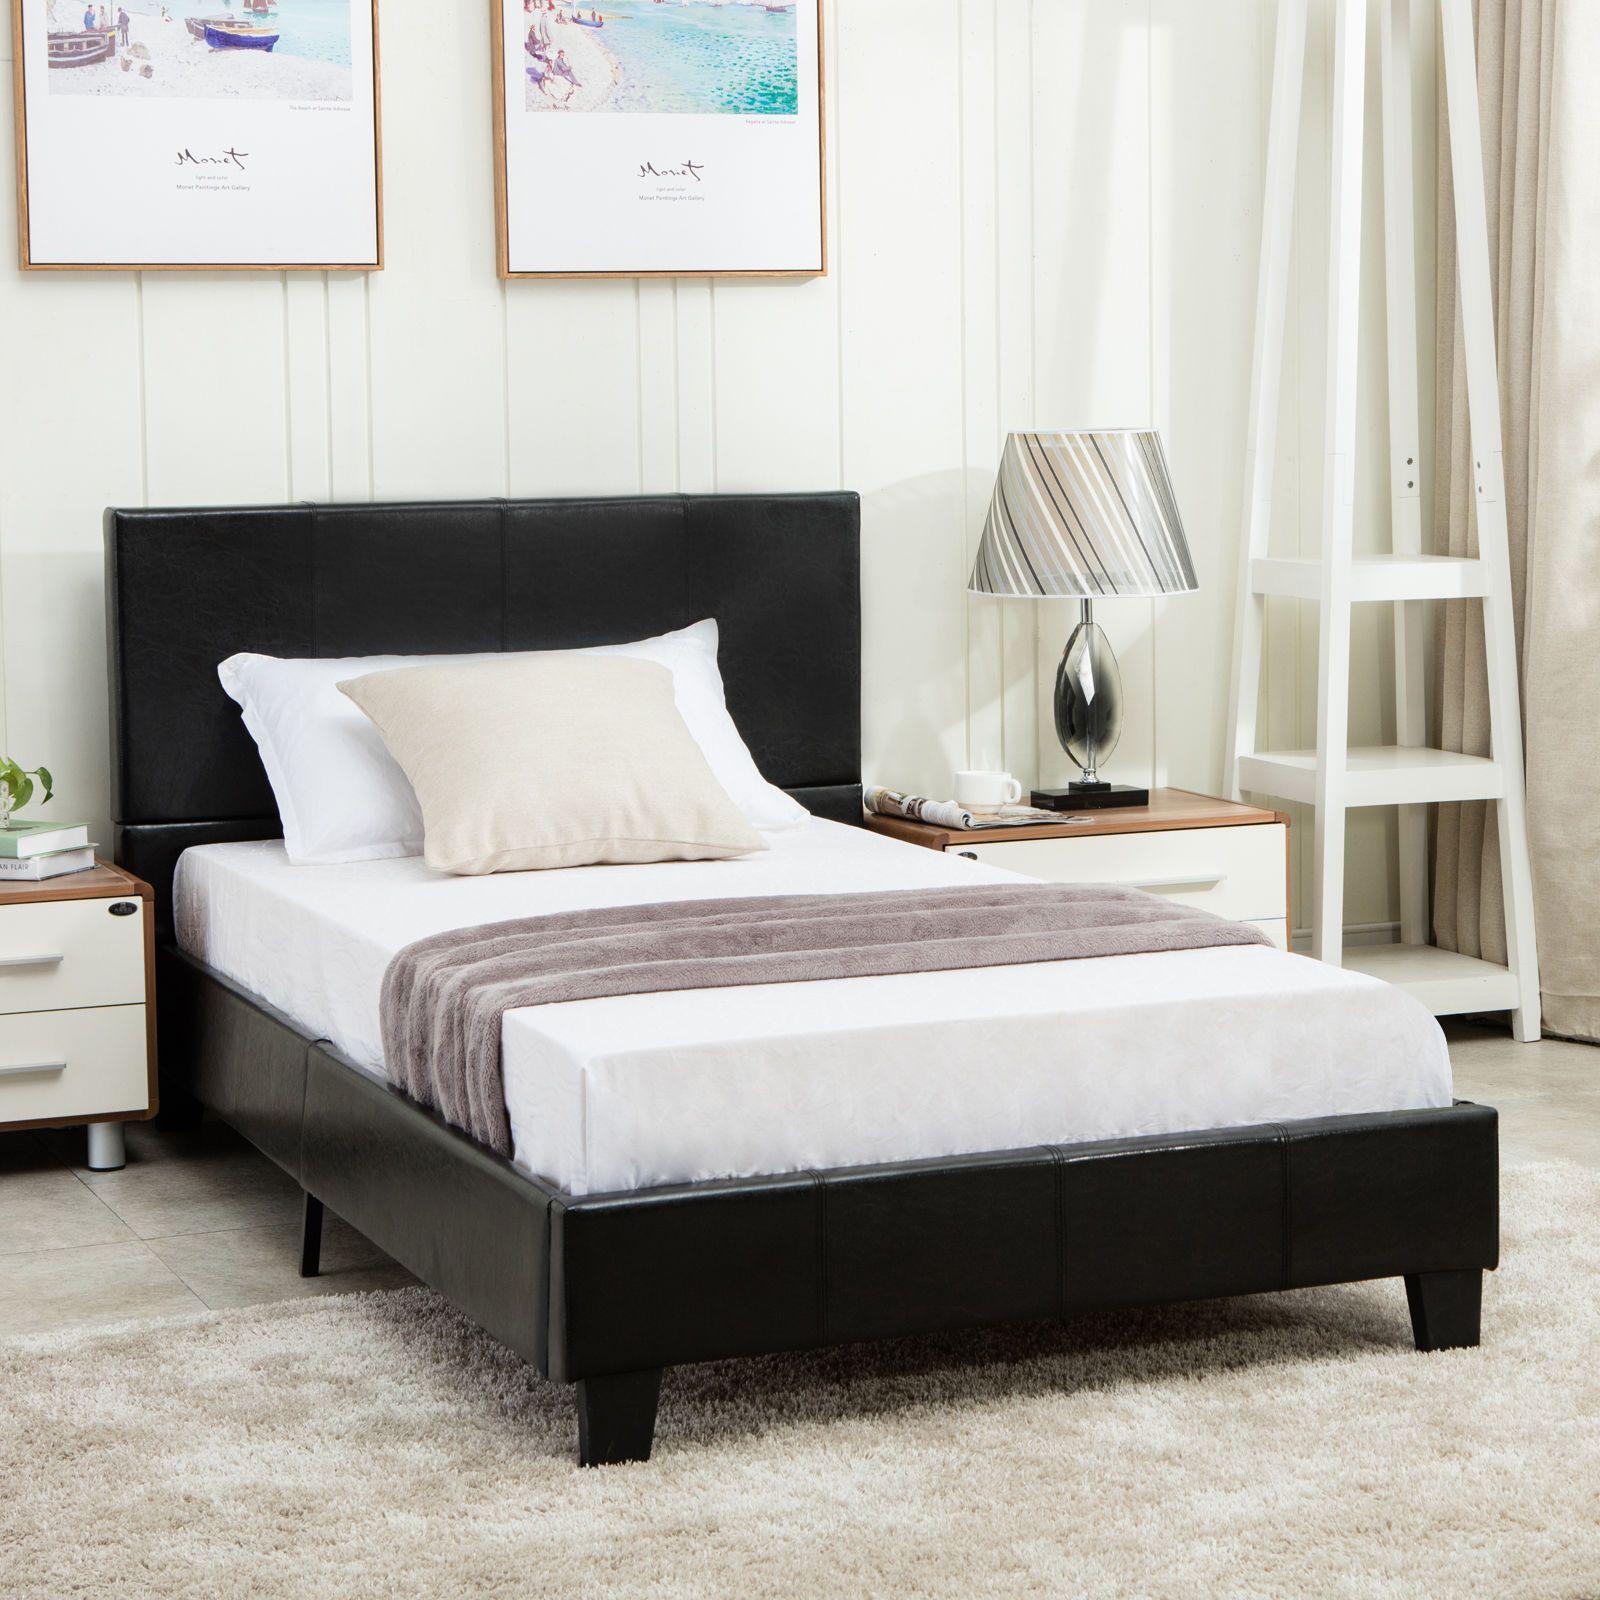 Full Size Faux Leather Platform Bed Frame Slats Upholstered